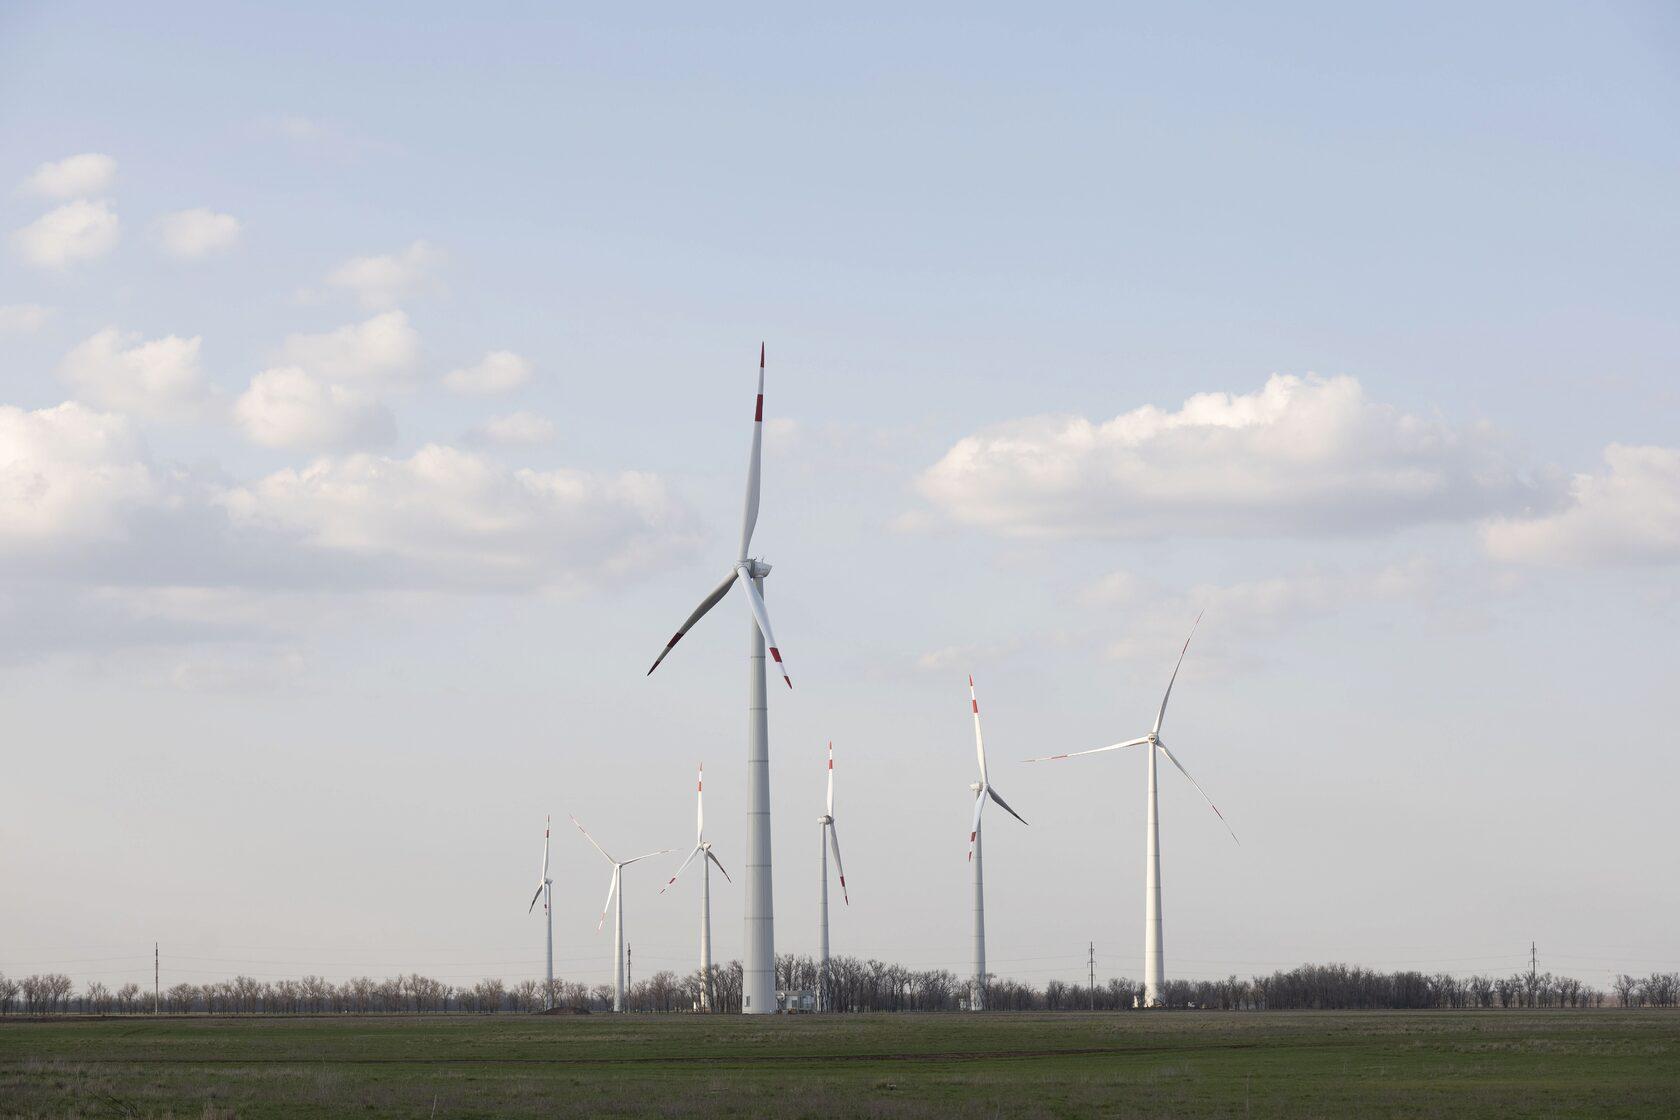 Строительство первого ветропарка Росатома в Ростовской области вышло на финальную стадию